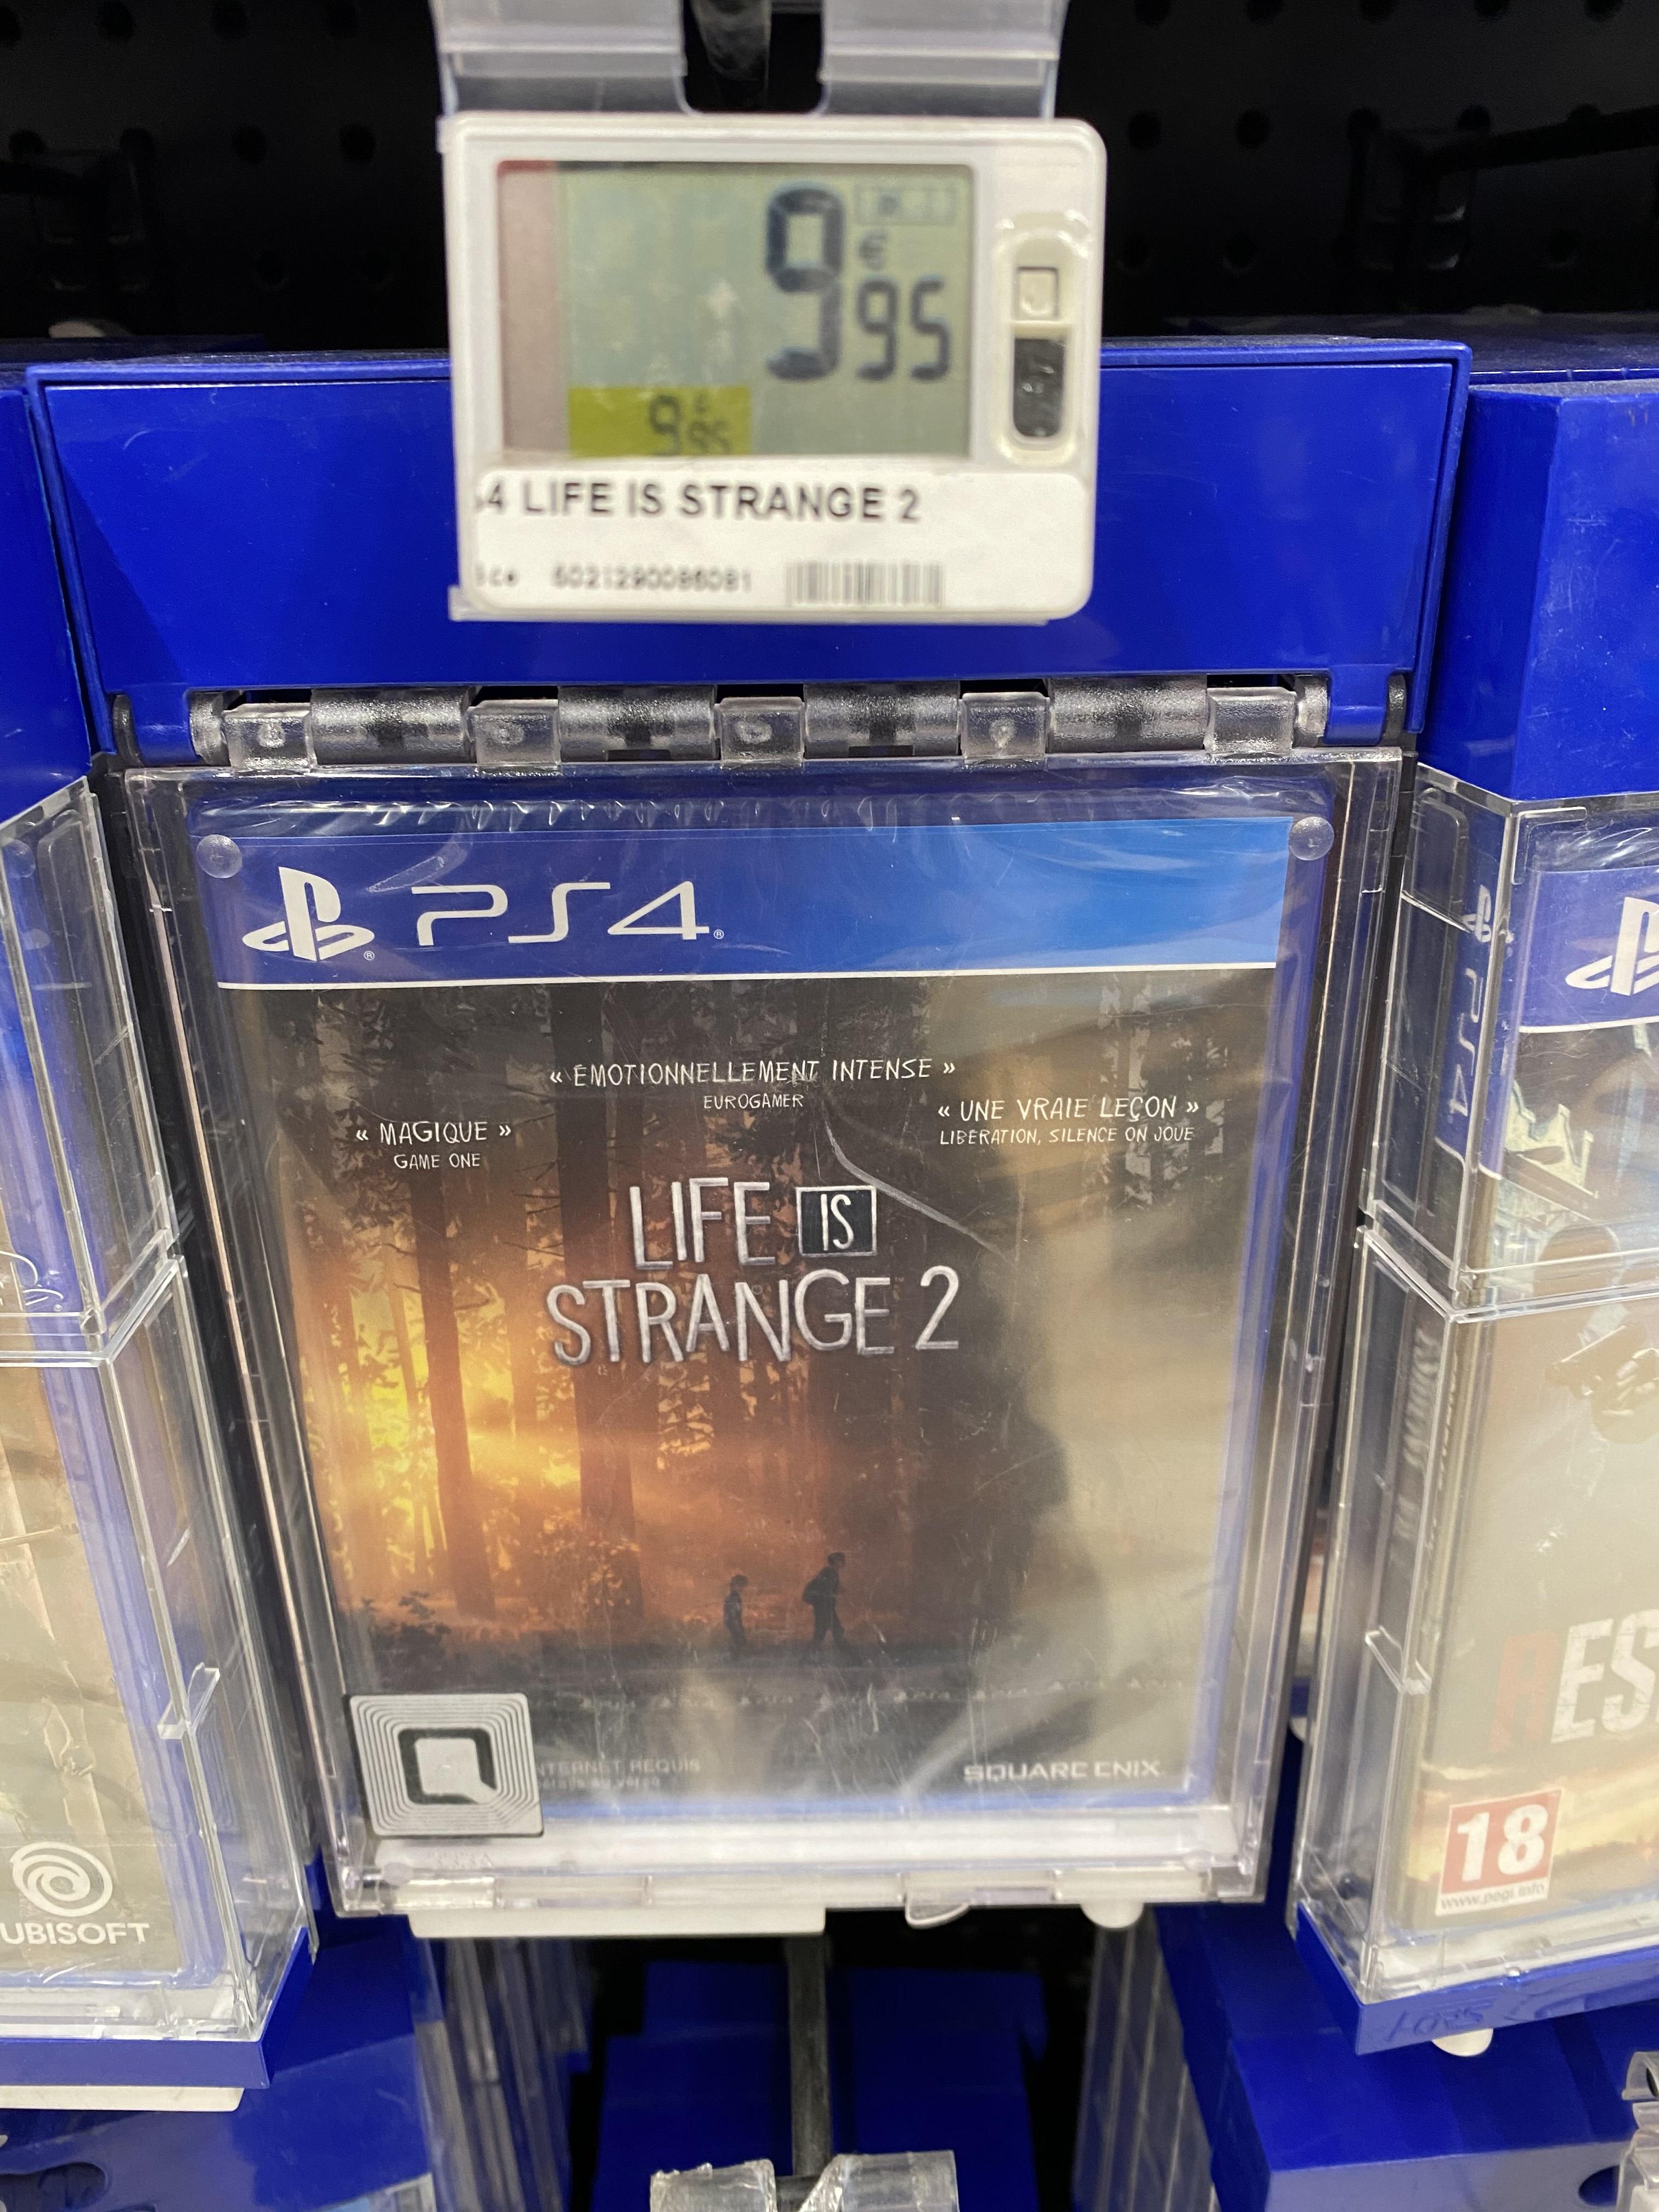 Jeu Life is Strange 2 sur PS4 - Carrefour Nice lingostière (06)